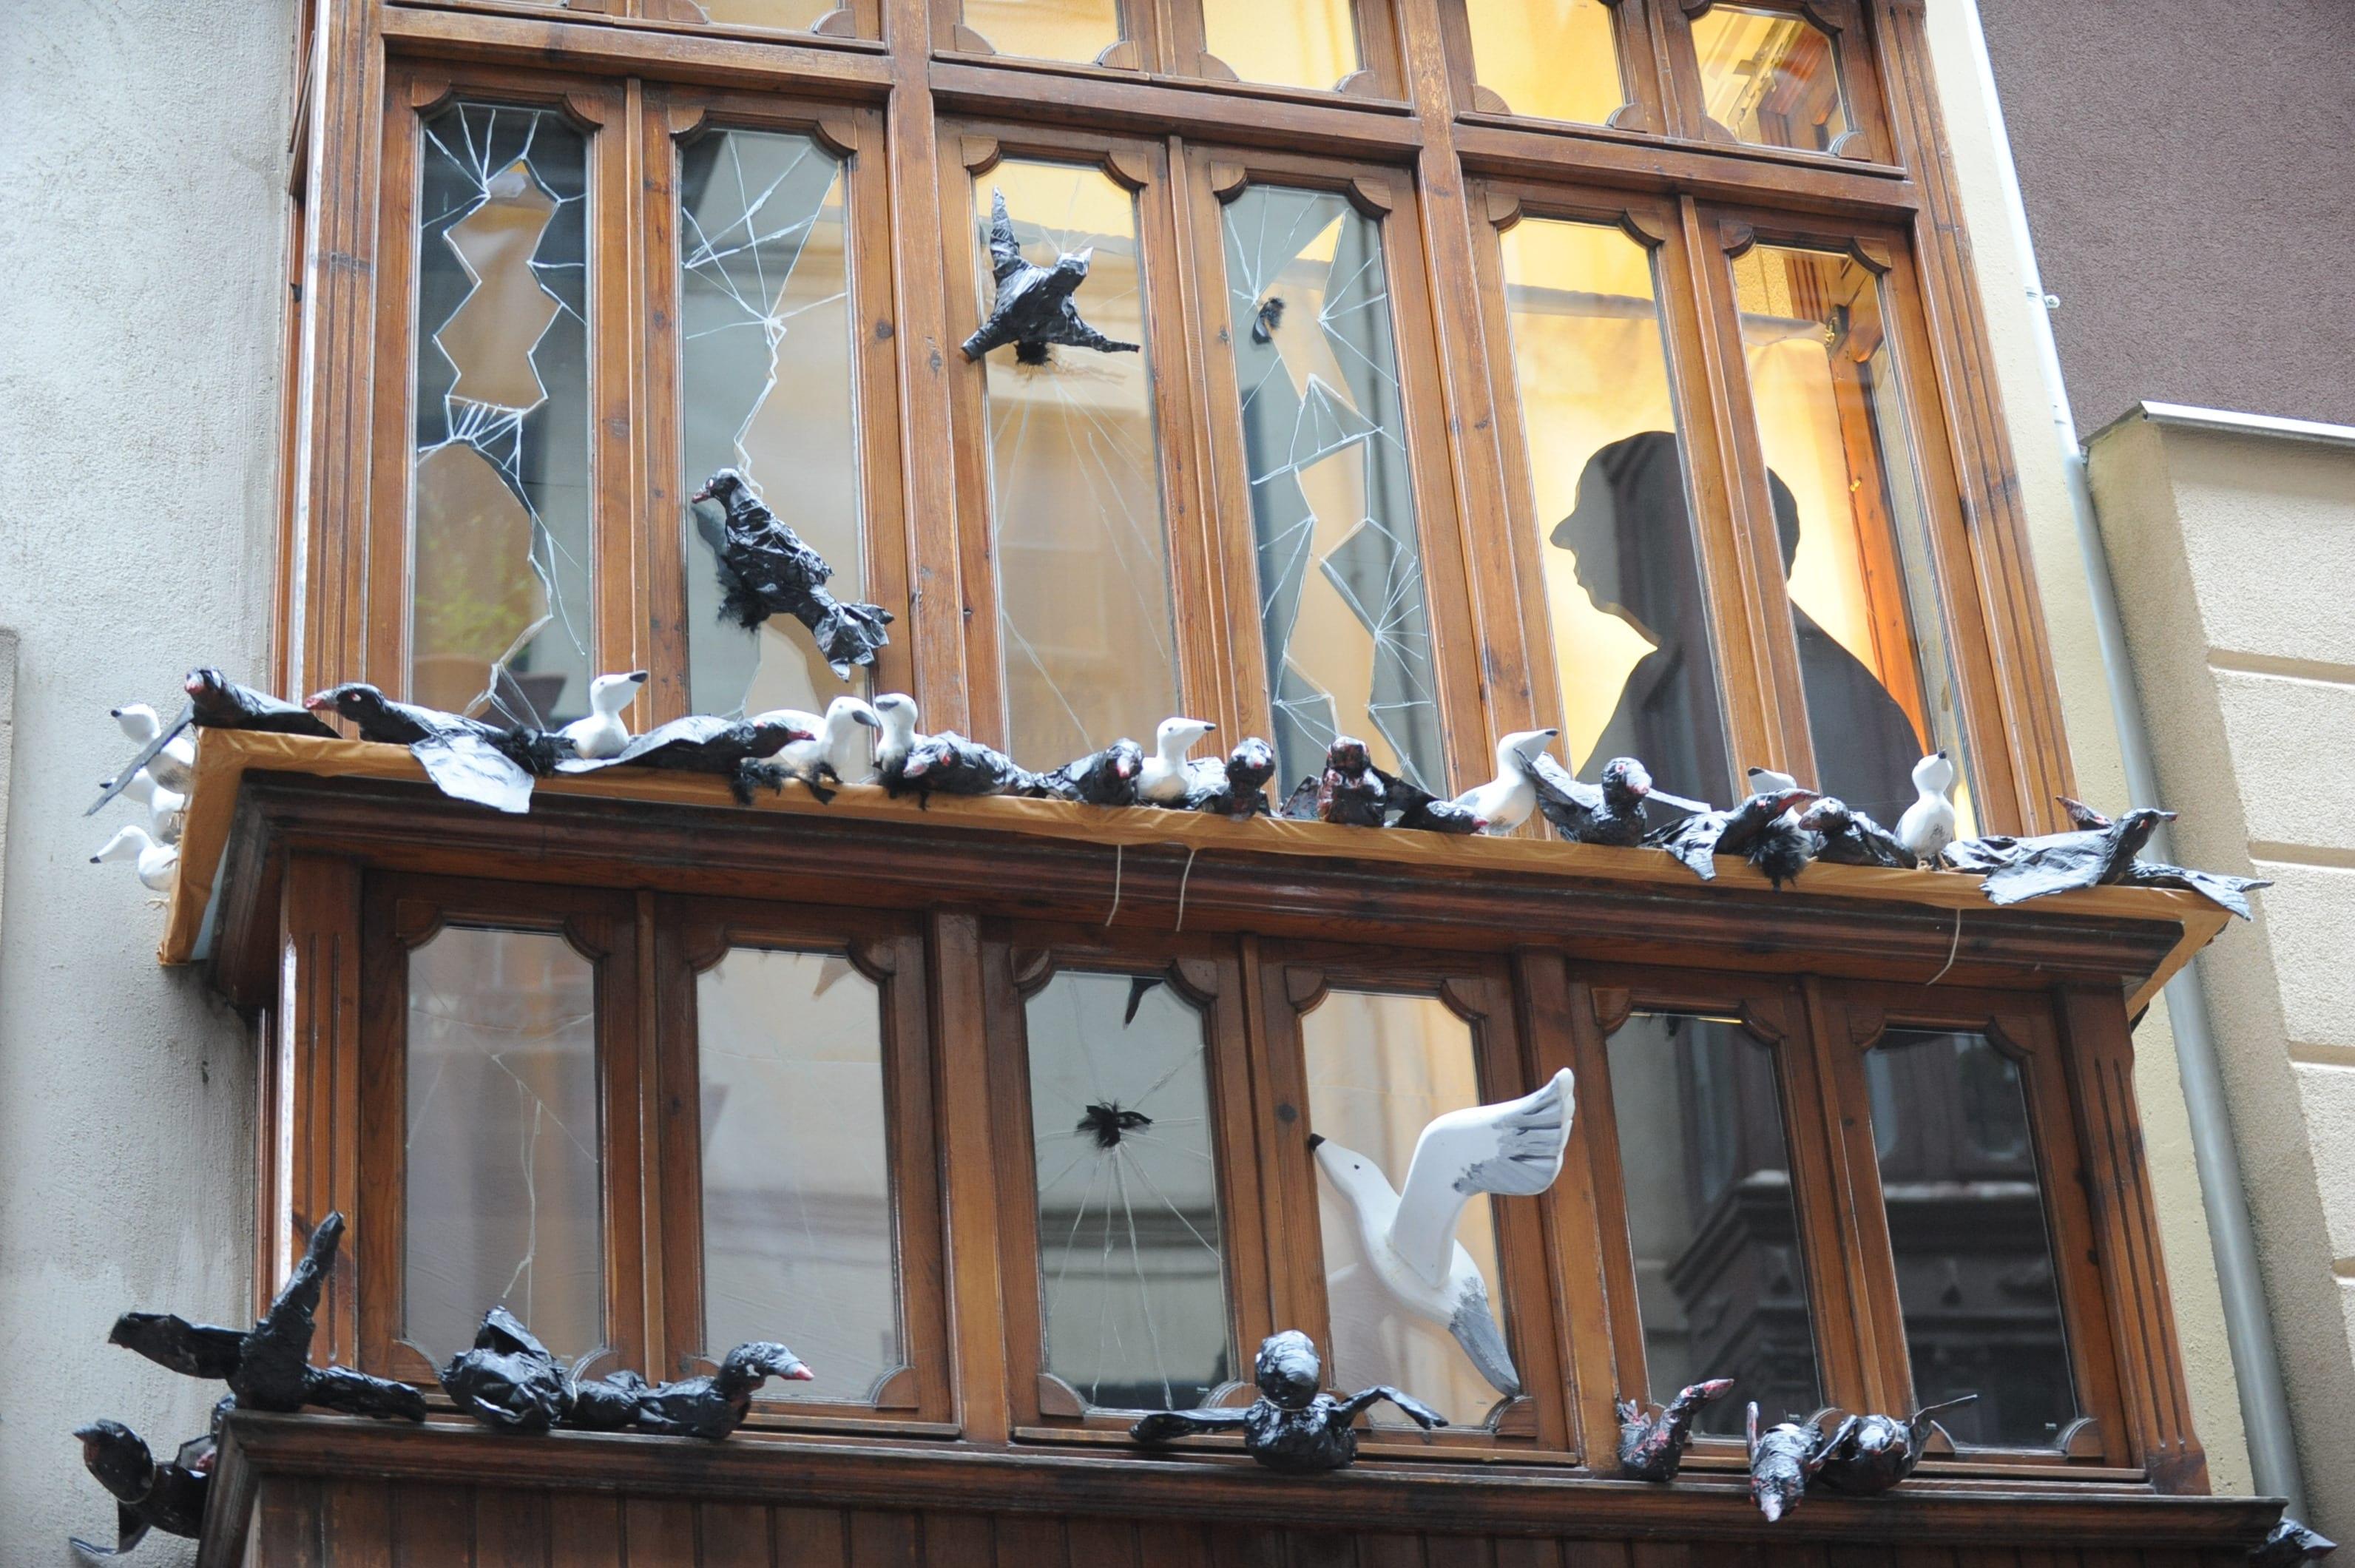 Un homenaje a 'Los pájaros' de Hitchcock, la balconada más bonita del Casco Viejo de Bilbao